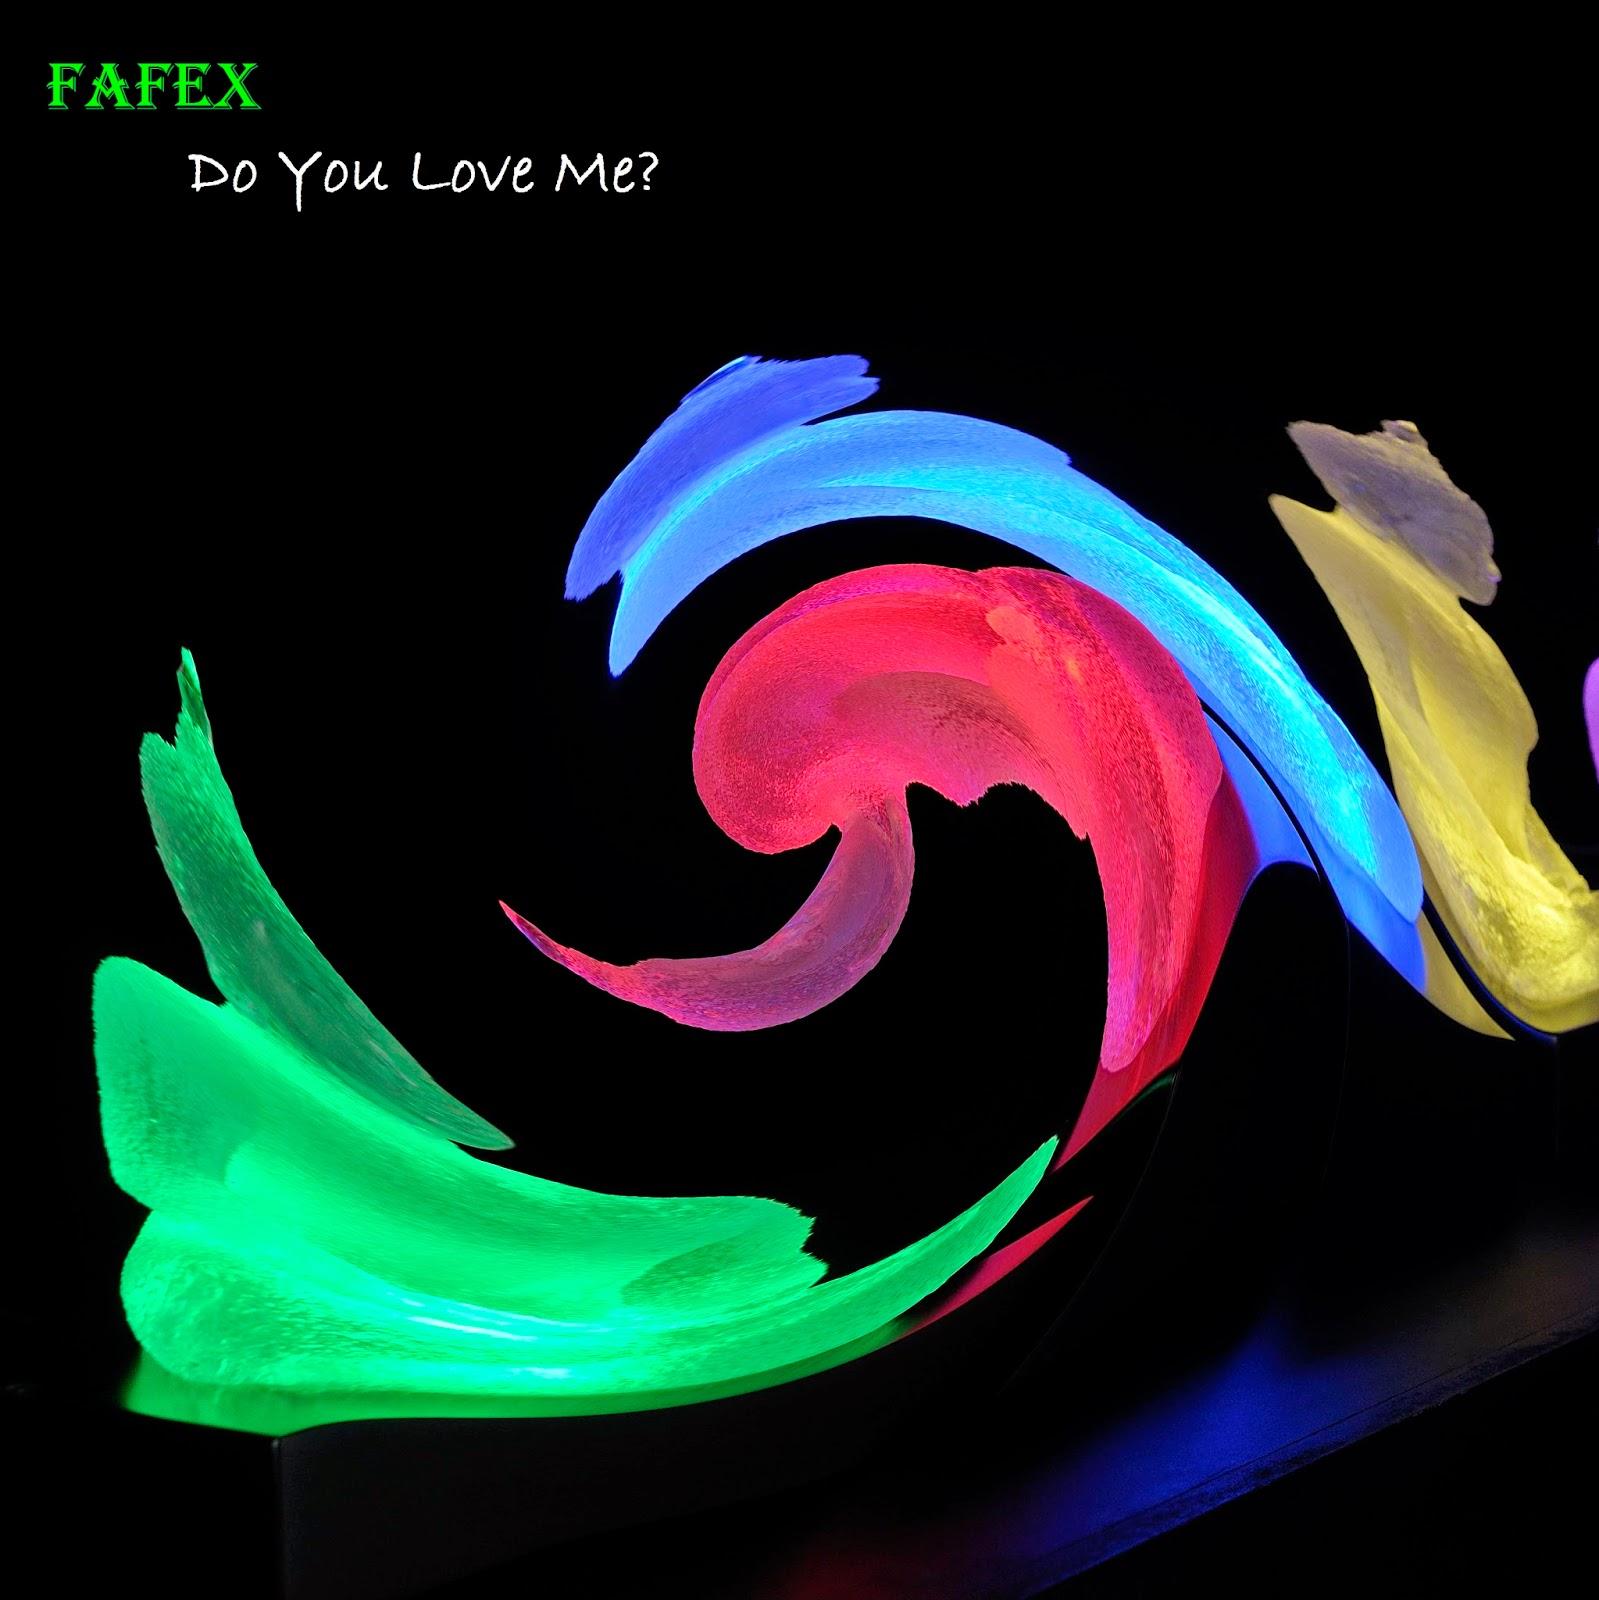 Niečo na stiahnutie: Fafex - Do You Love Me?